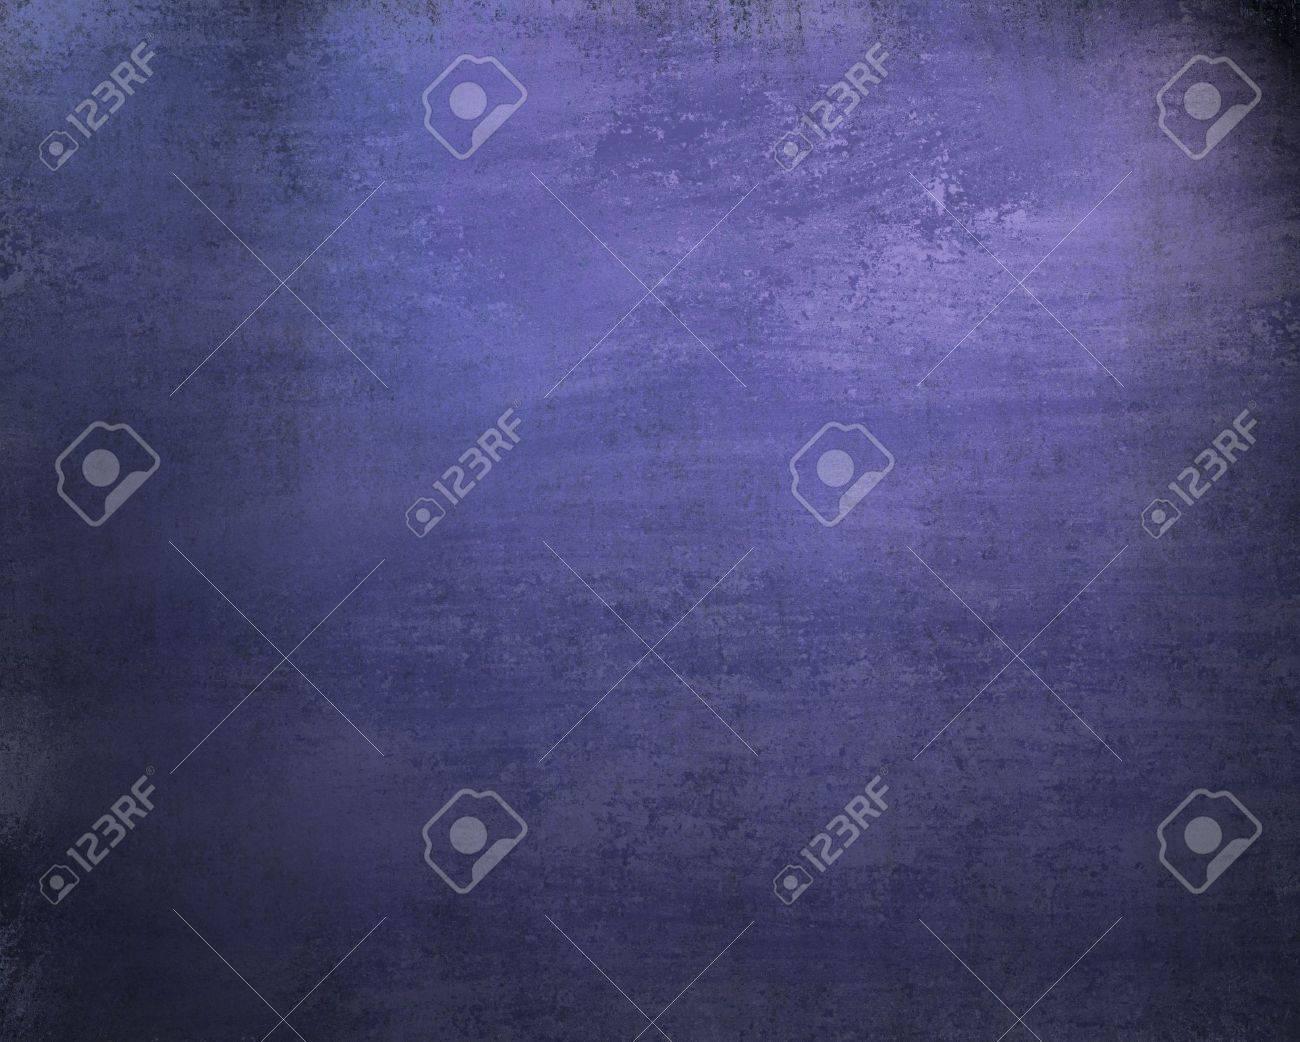 Hermoso Fondo Azul Con Textura Oscura época Del Grunge Y La ...